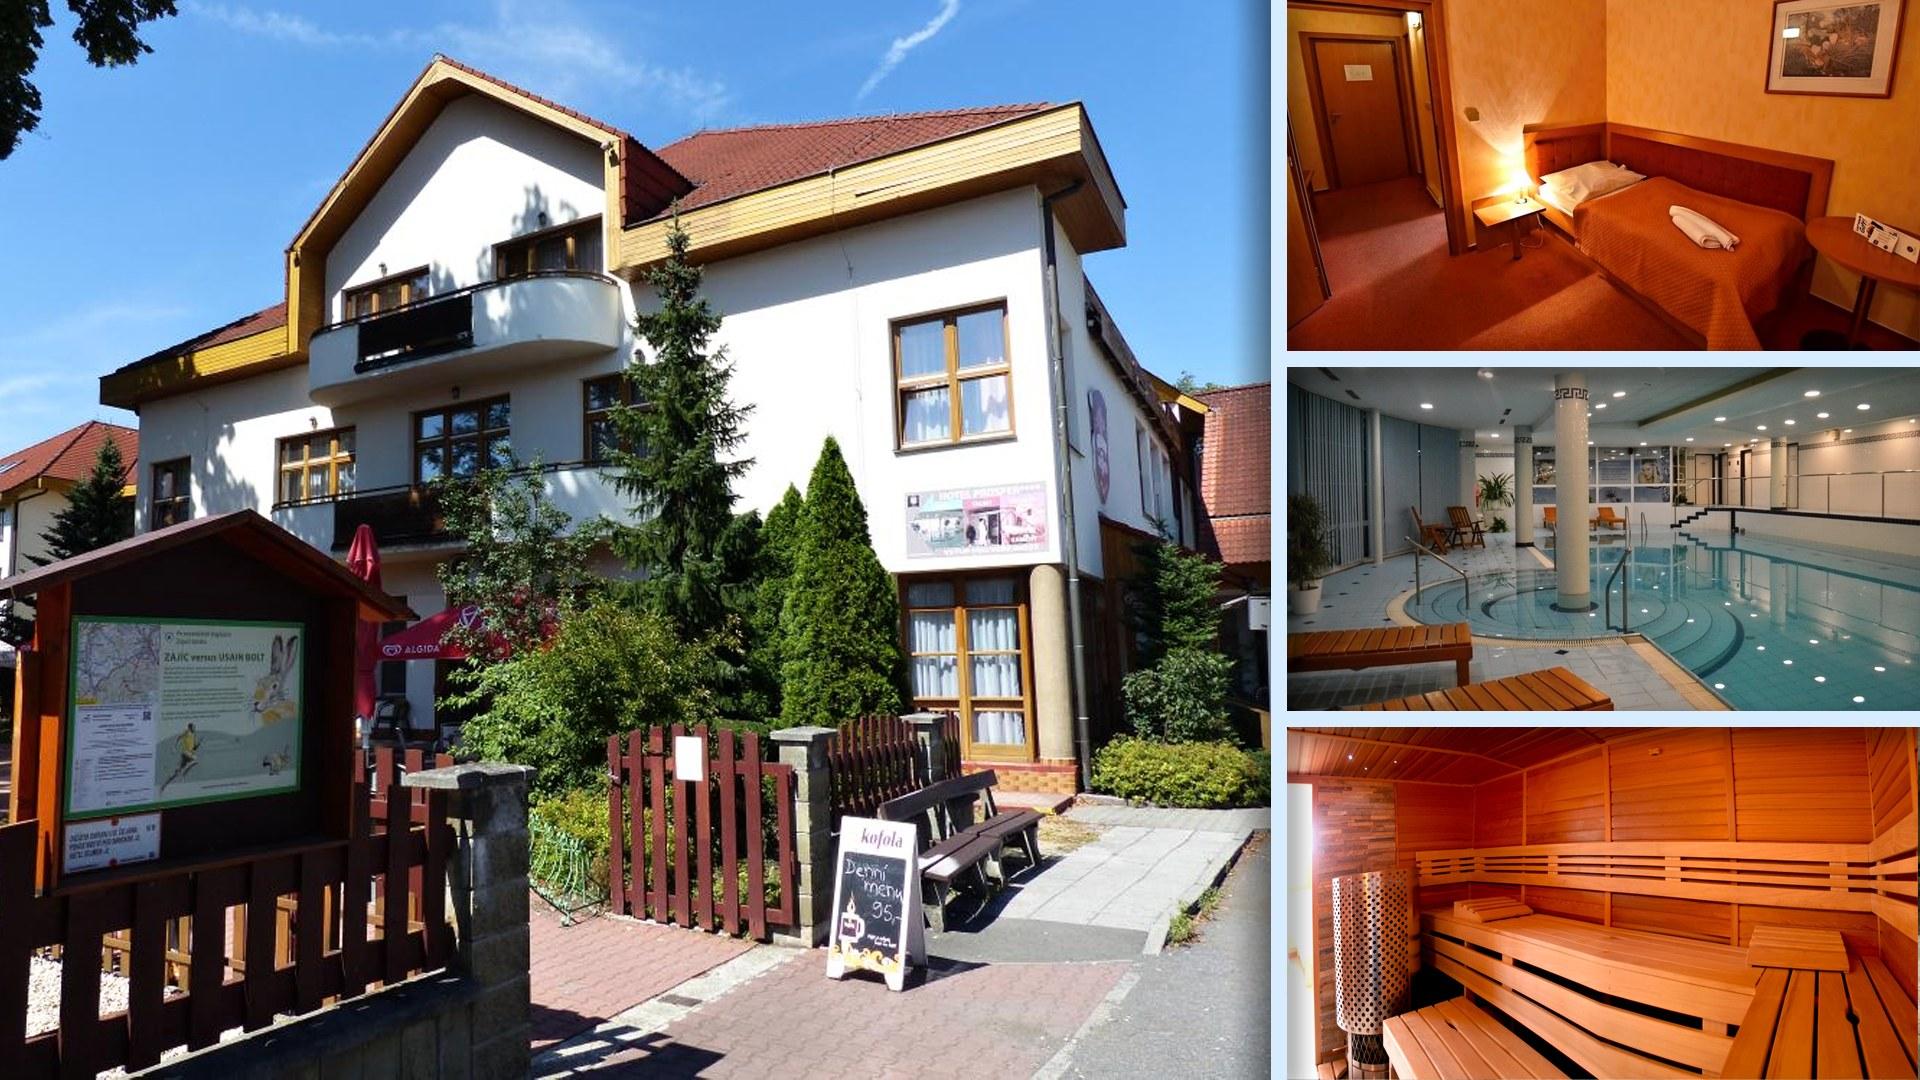 Hotel Prosper v Čeladné - Na golf a vrcholky Beskyd je to jen kousek + kvalitní wellness